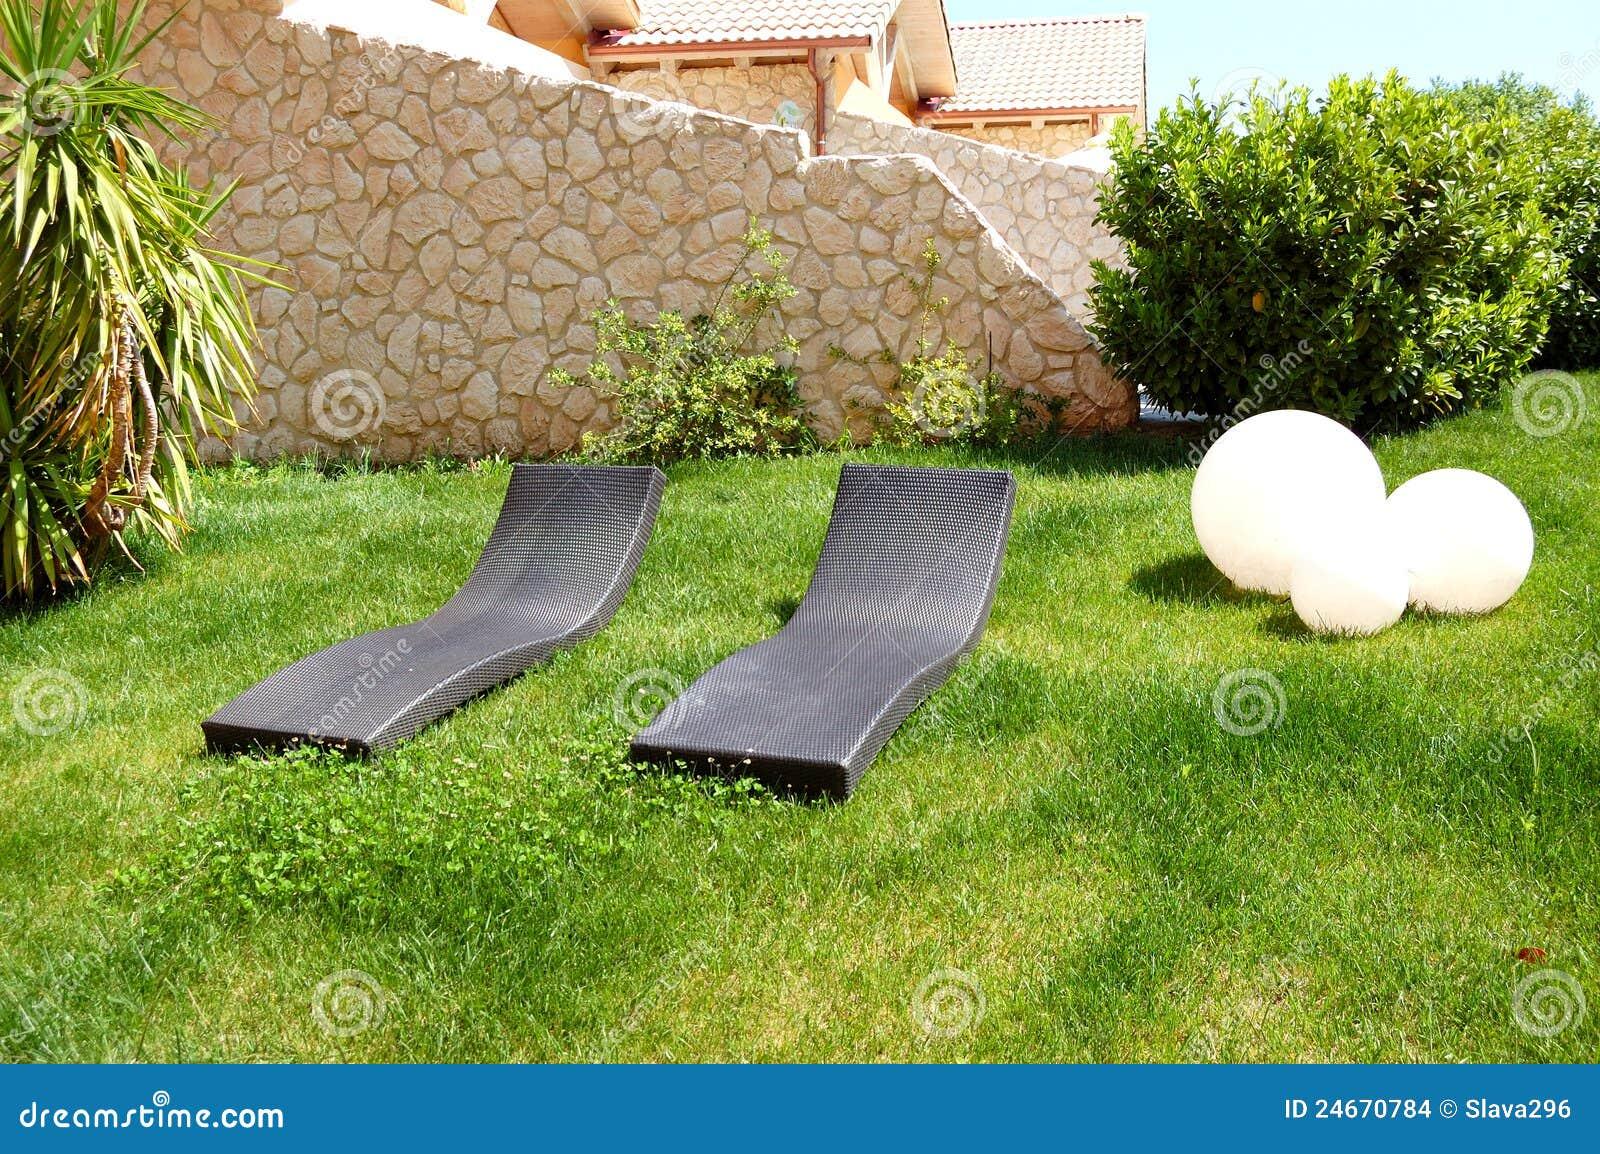 Sunbeds on lawn by luxury villa